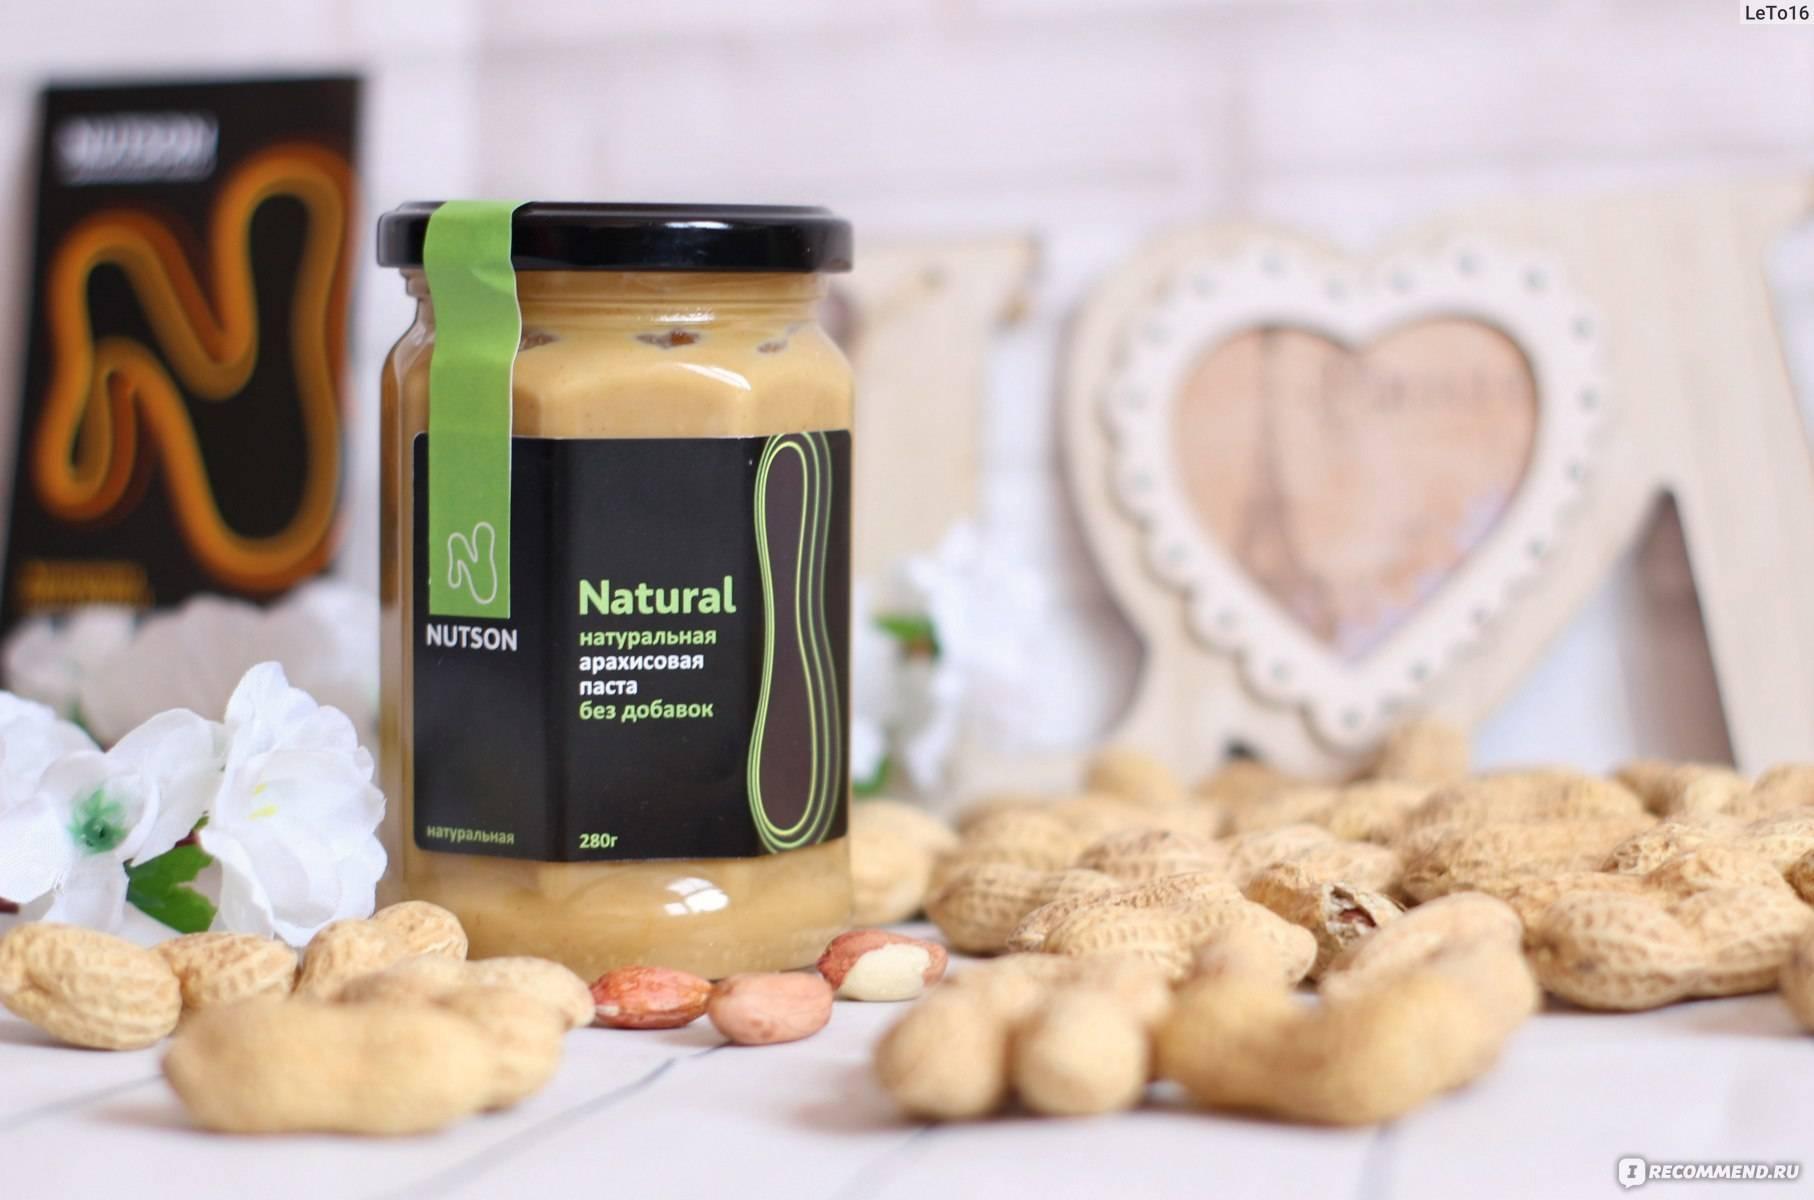 Можно ли поправиться от арахиса. в чем ценность арахиса при похудении | здоровое питание